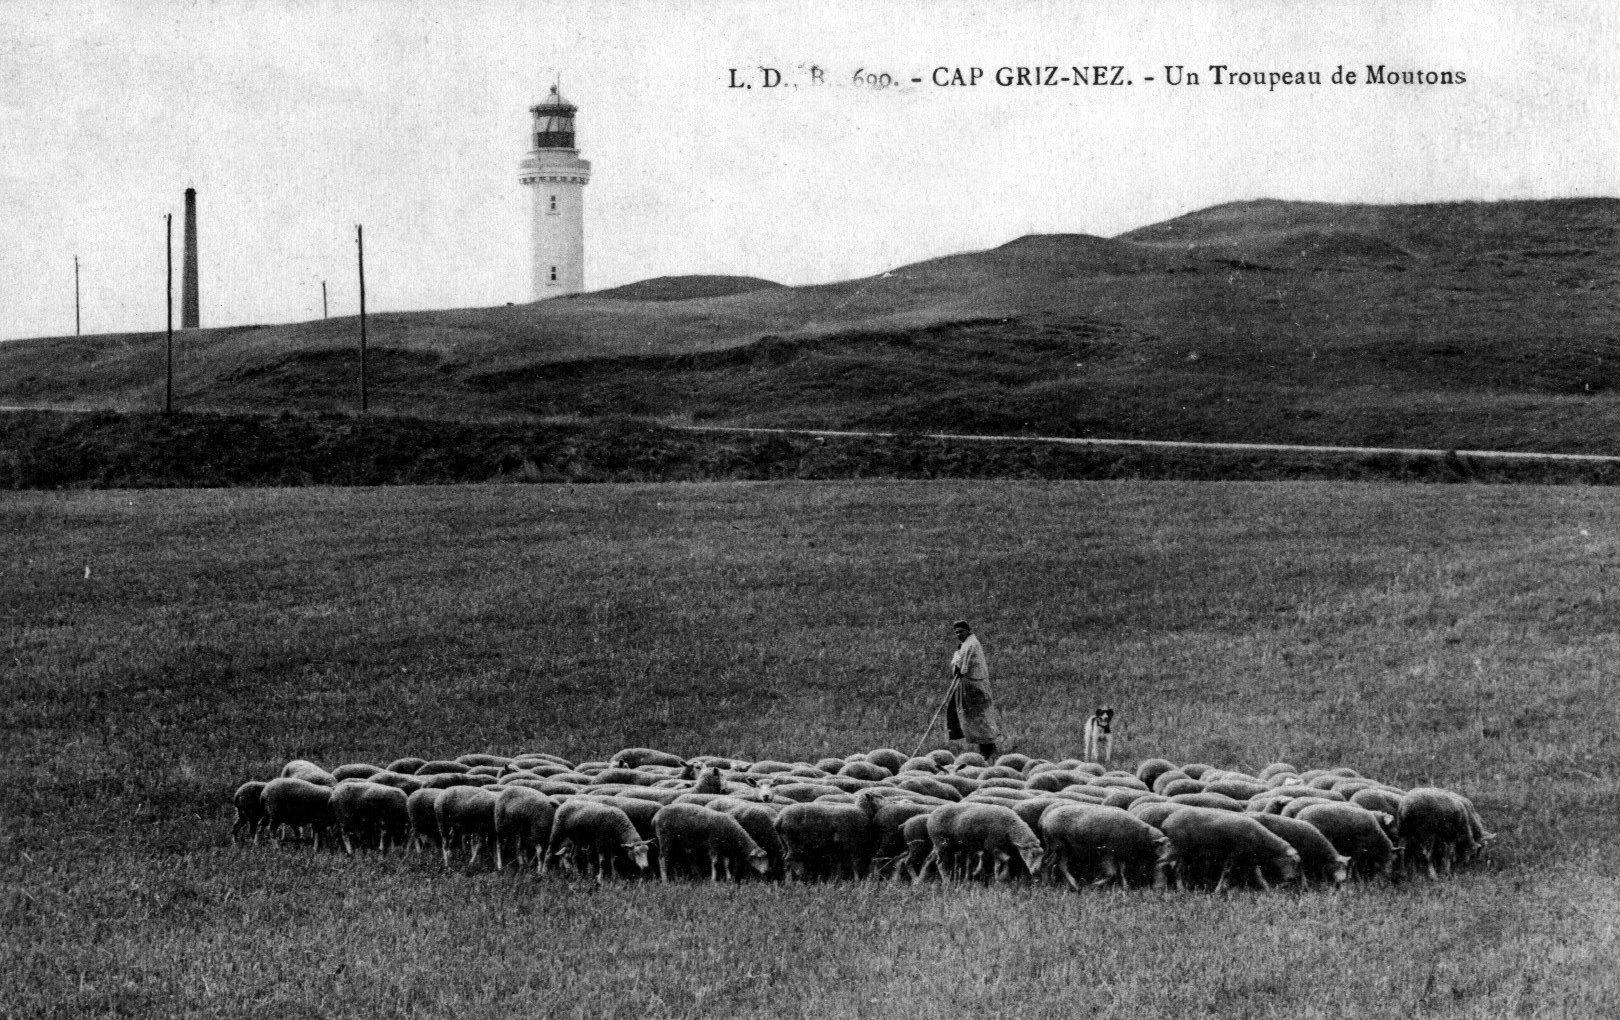 Un troupeau de moutons au Cap Gris Nez